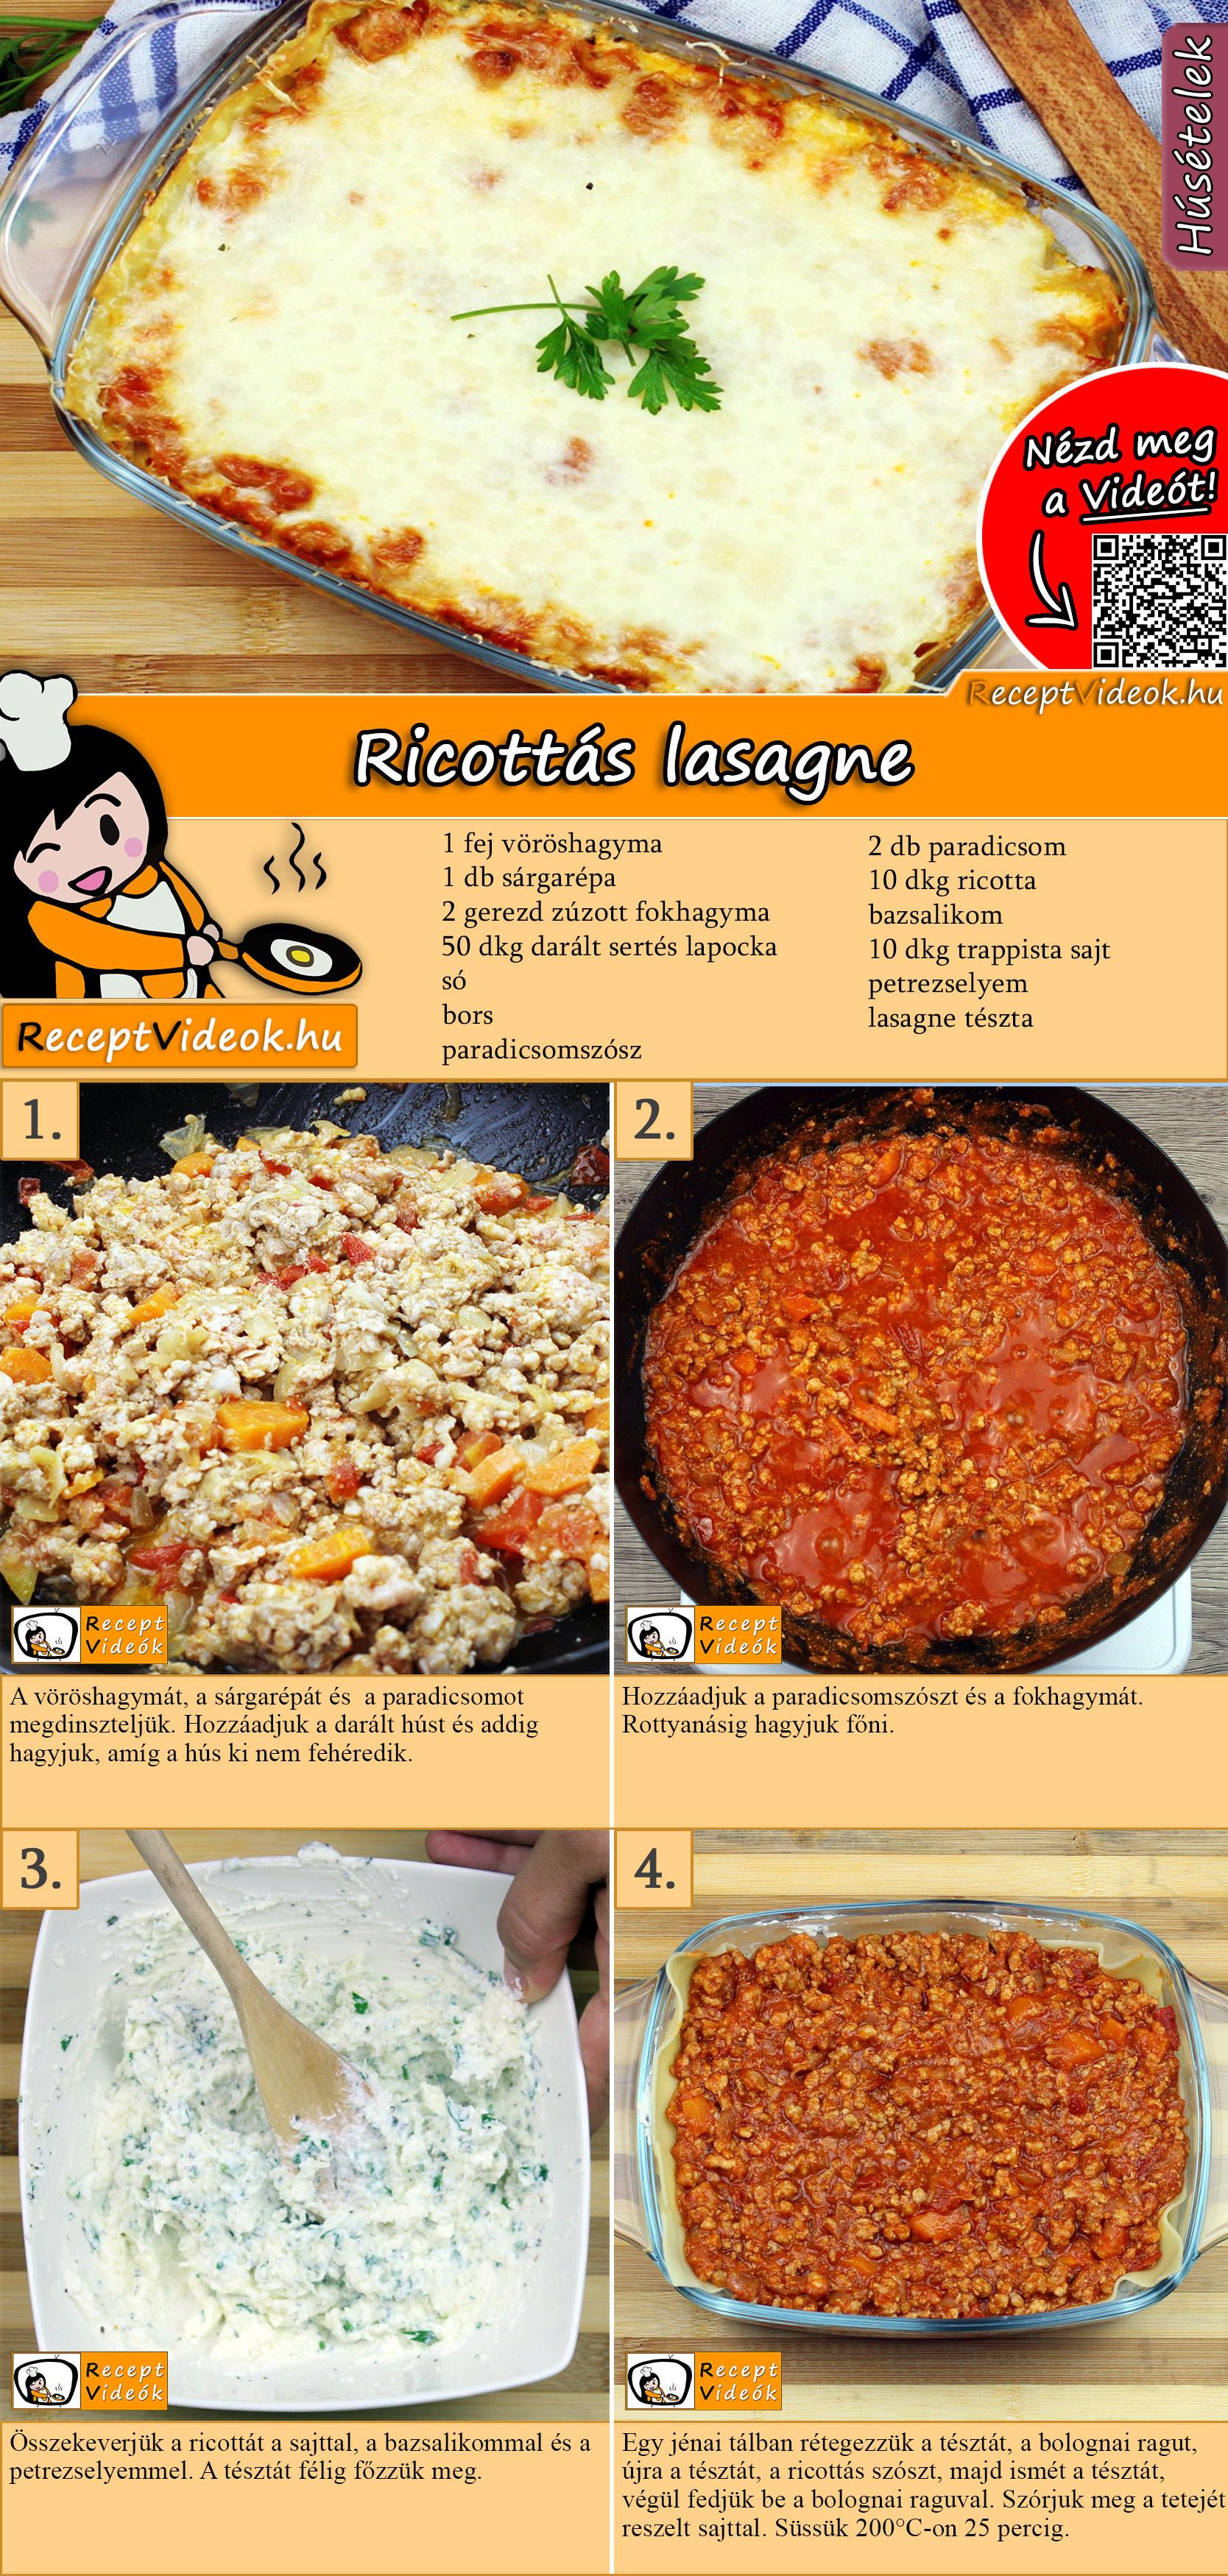 Ricottás lasagne recept elkészítése videoóal